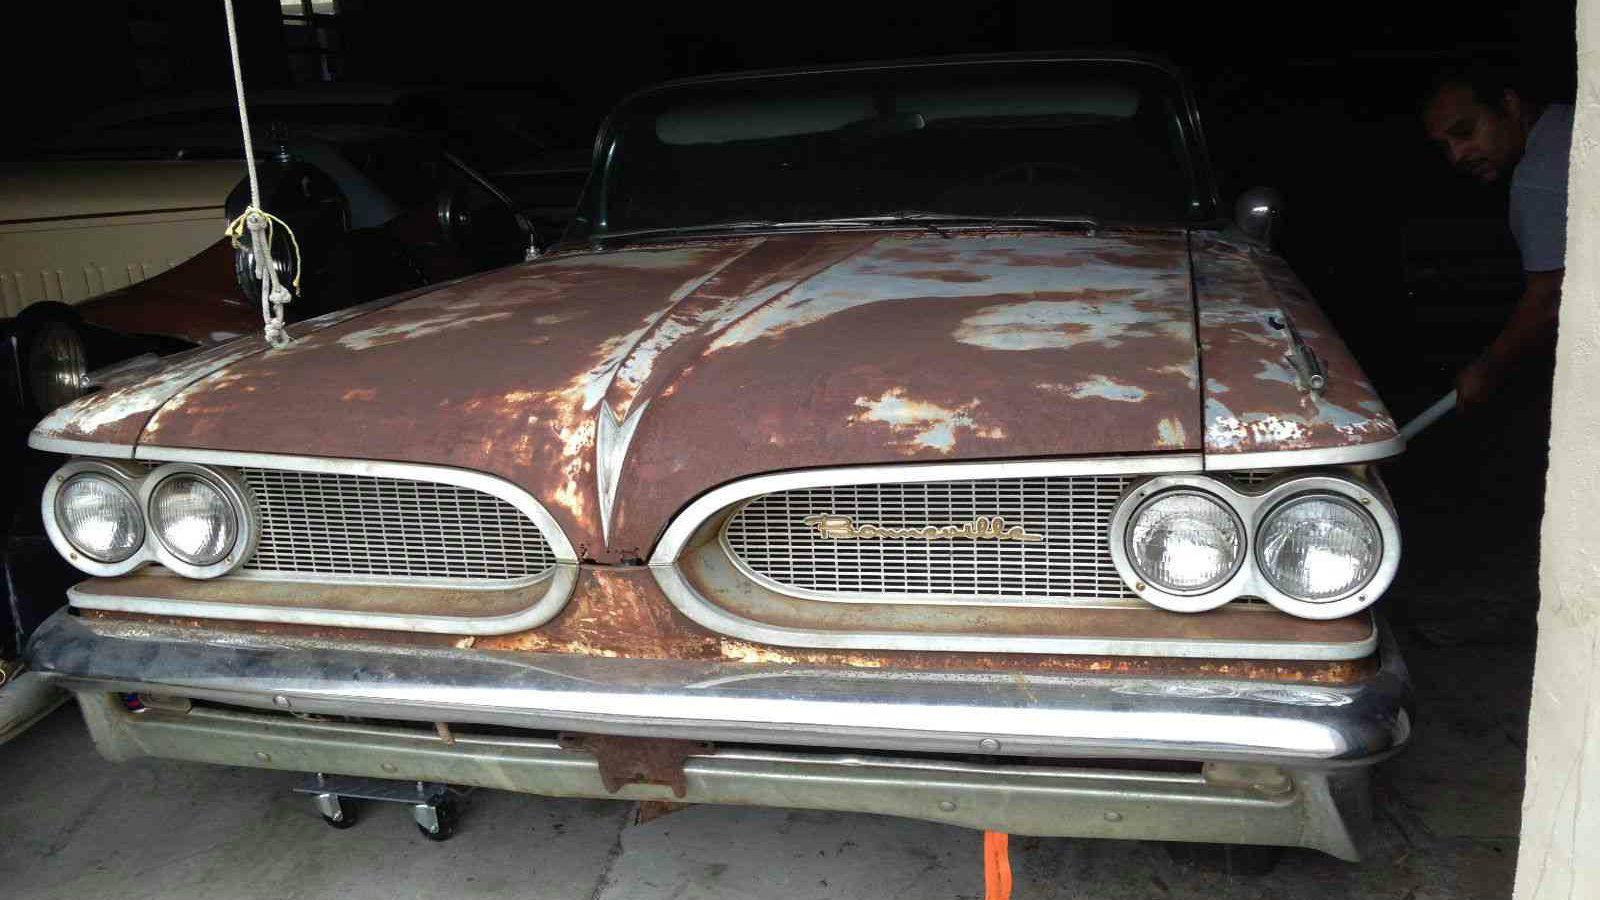 1959 pontiac bonneville wide track storage find pontiac bonneville 1959 pontiac bonneville wide track storage find httpbarnfinds publicscrutiny Images